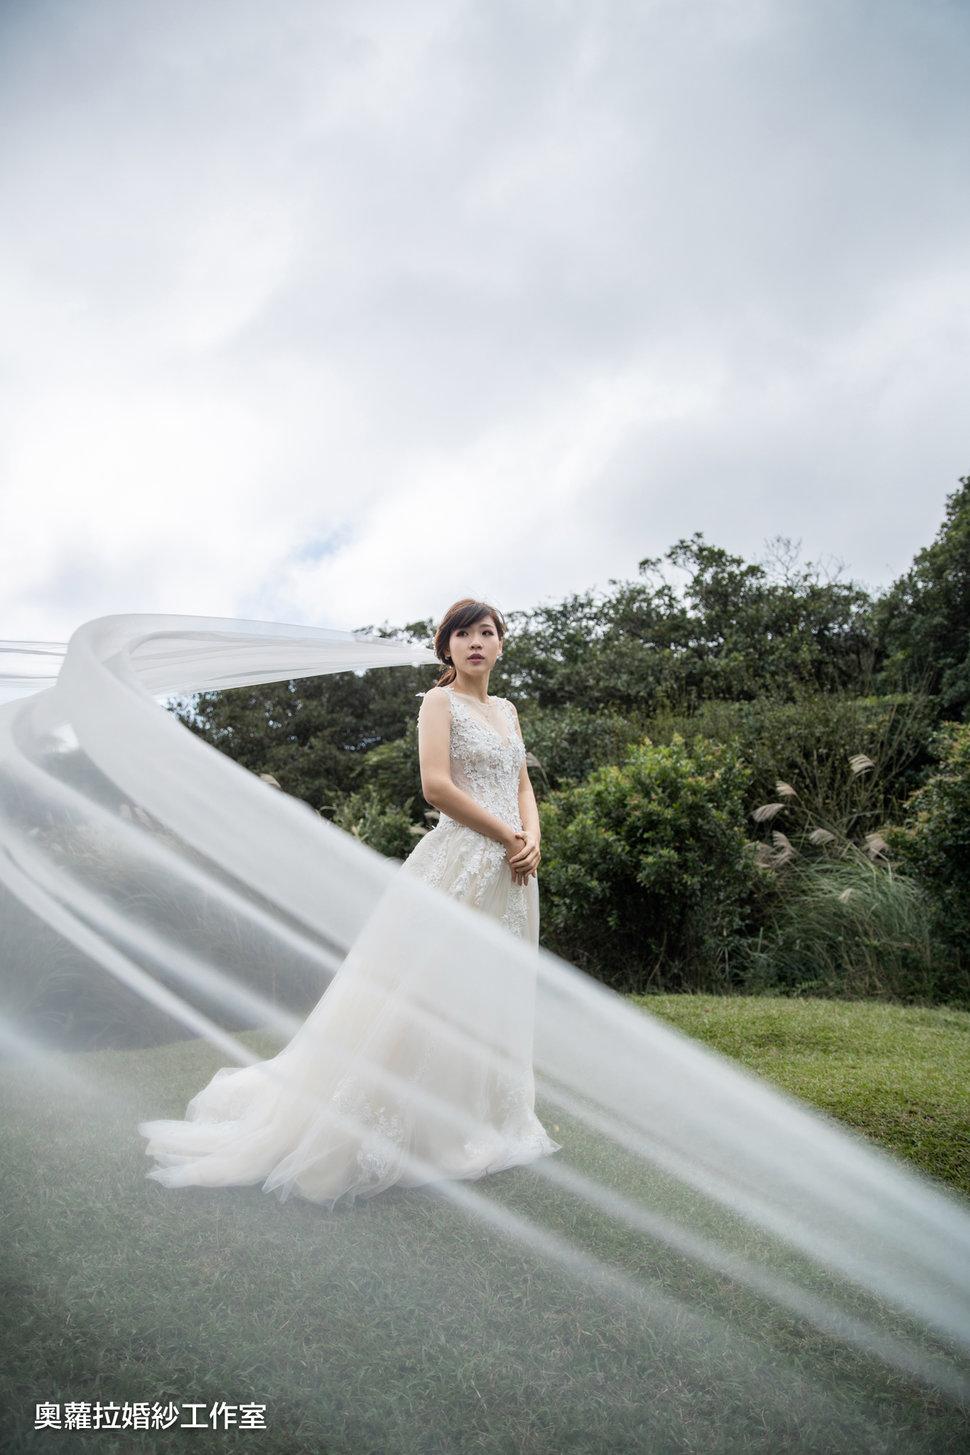 20191106 慶賢謹謙婚紗-115 - 奧蘿拉自助婚紗工作室《結婚吧》